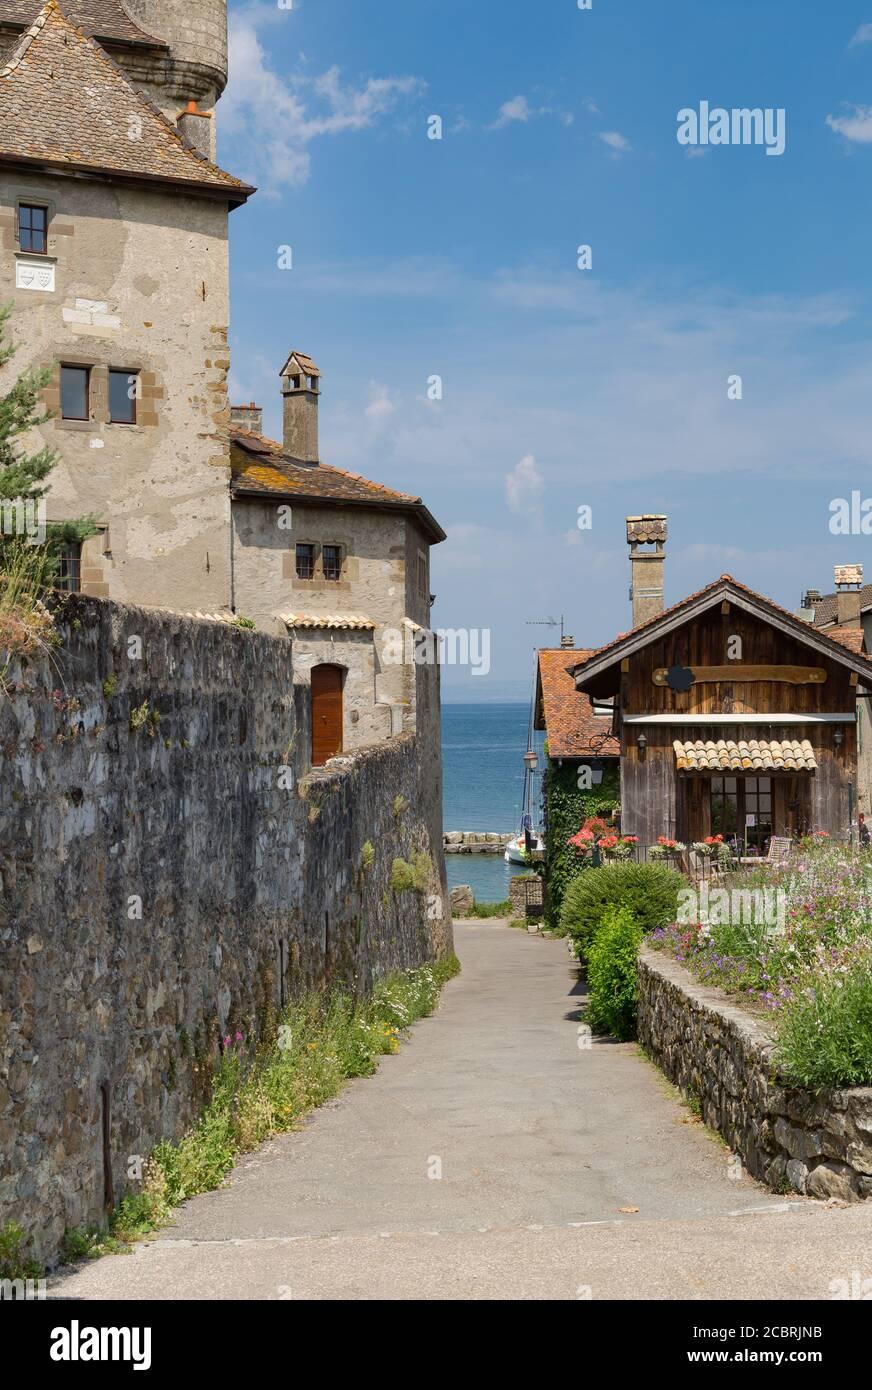 La cité médiévale d'Yvoire, située à l'est de la France sur la rive du lac de Genève, dans la province d'Auvergne-Rhône-Alpes et au ciel clair d'été Banque D'Images